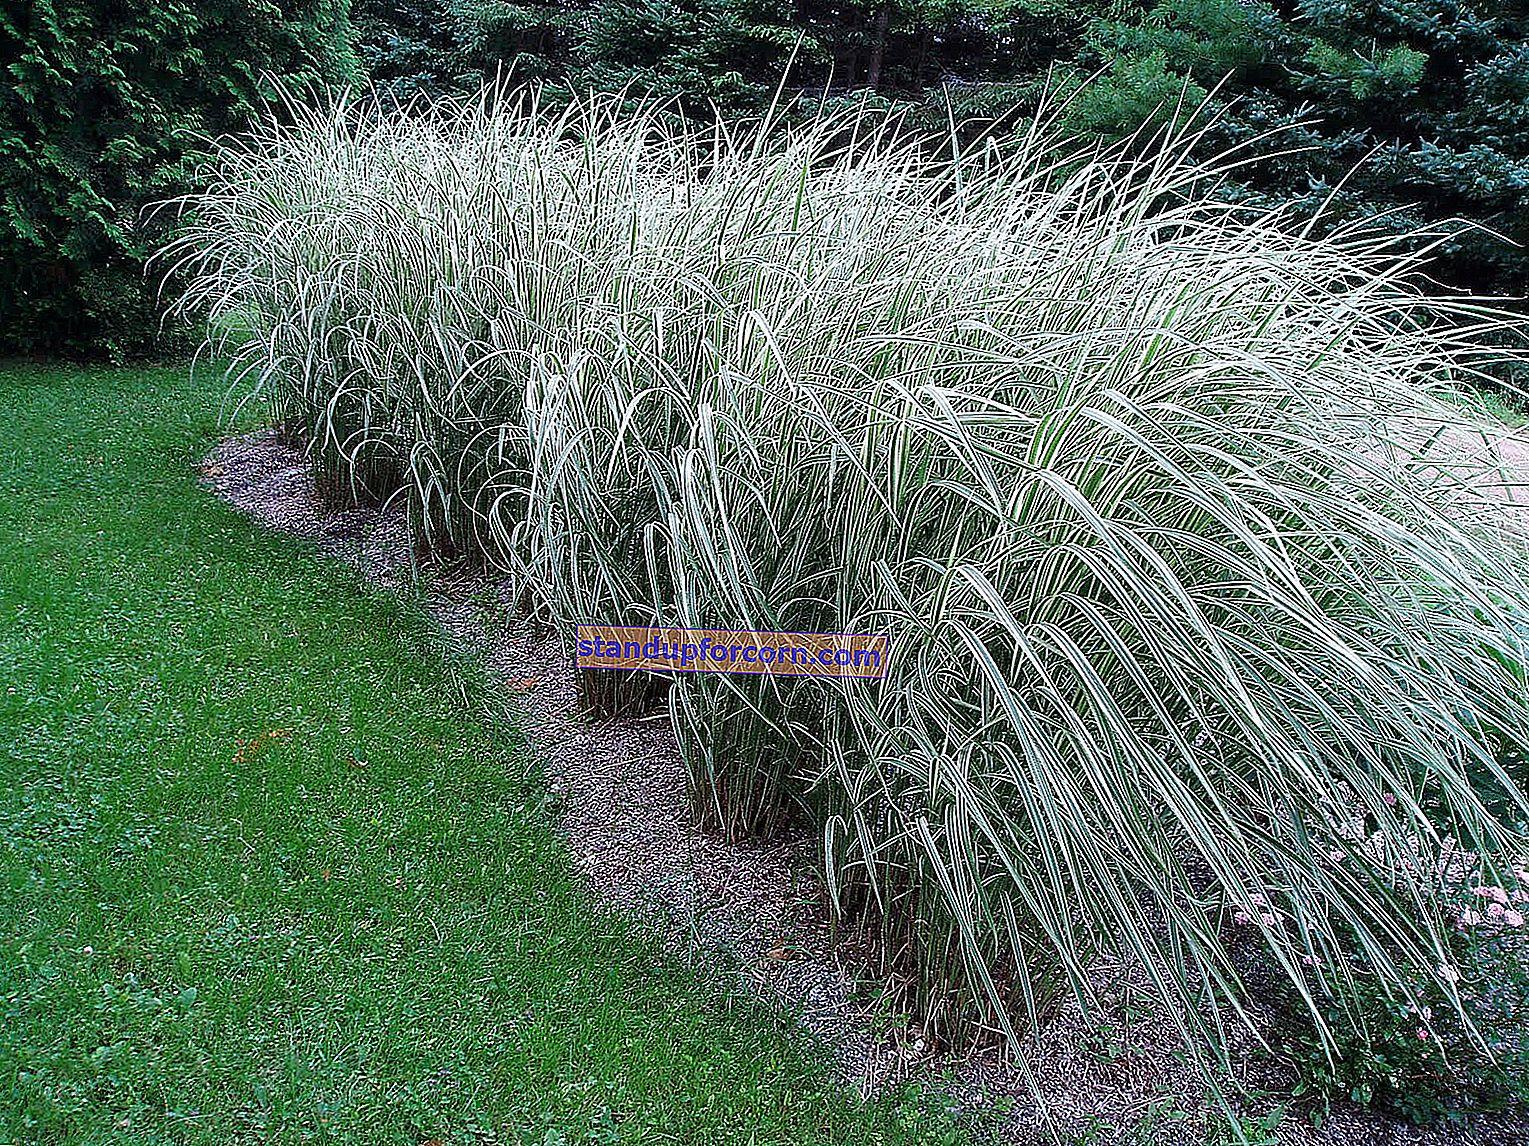 Κινέζικο miscanthus - ποικιλίες, καλλιέργεια